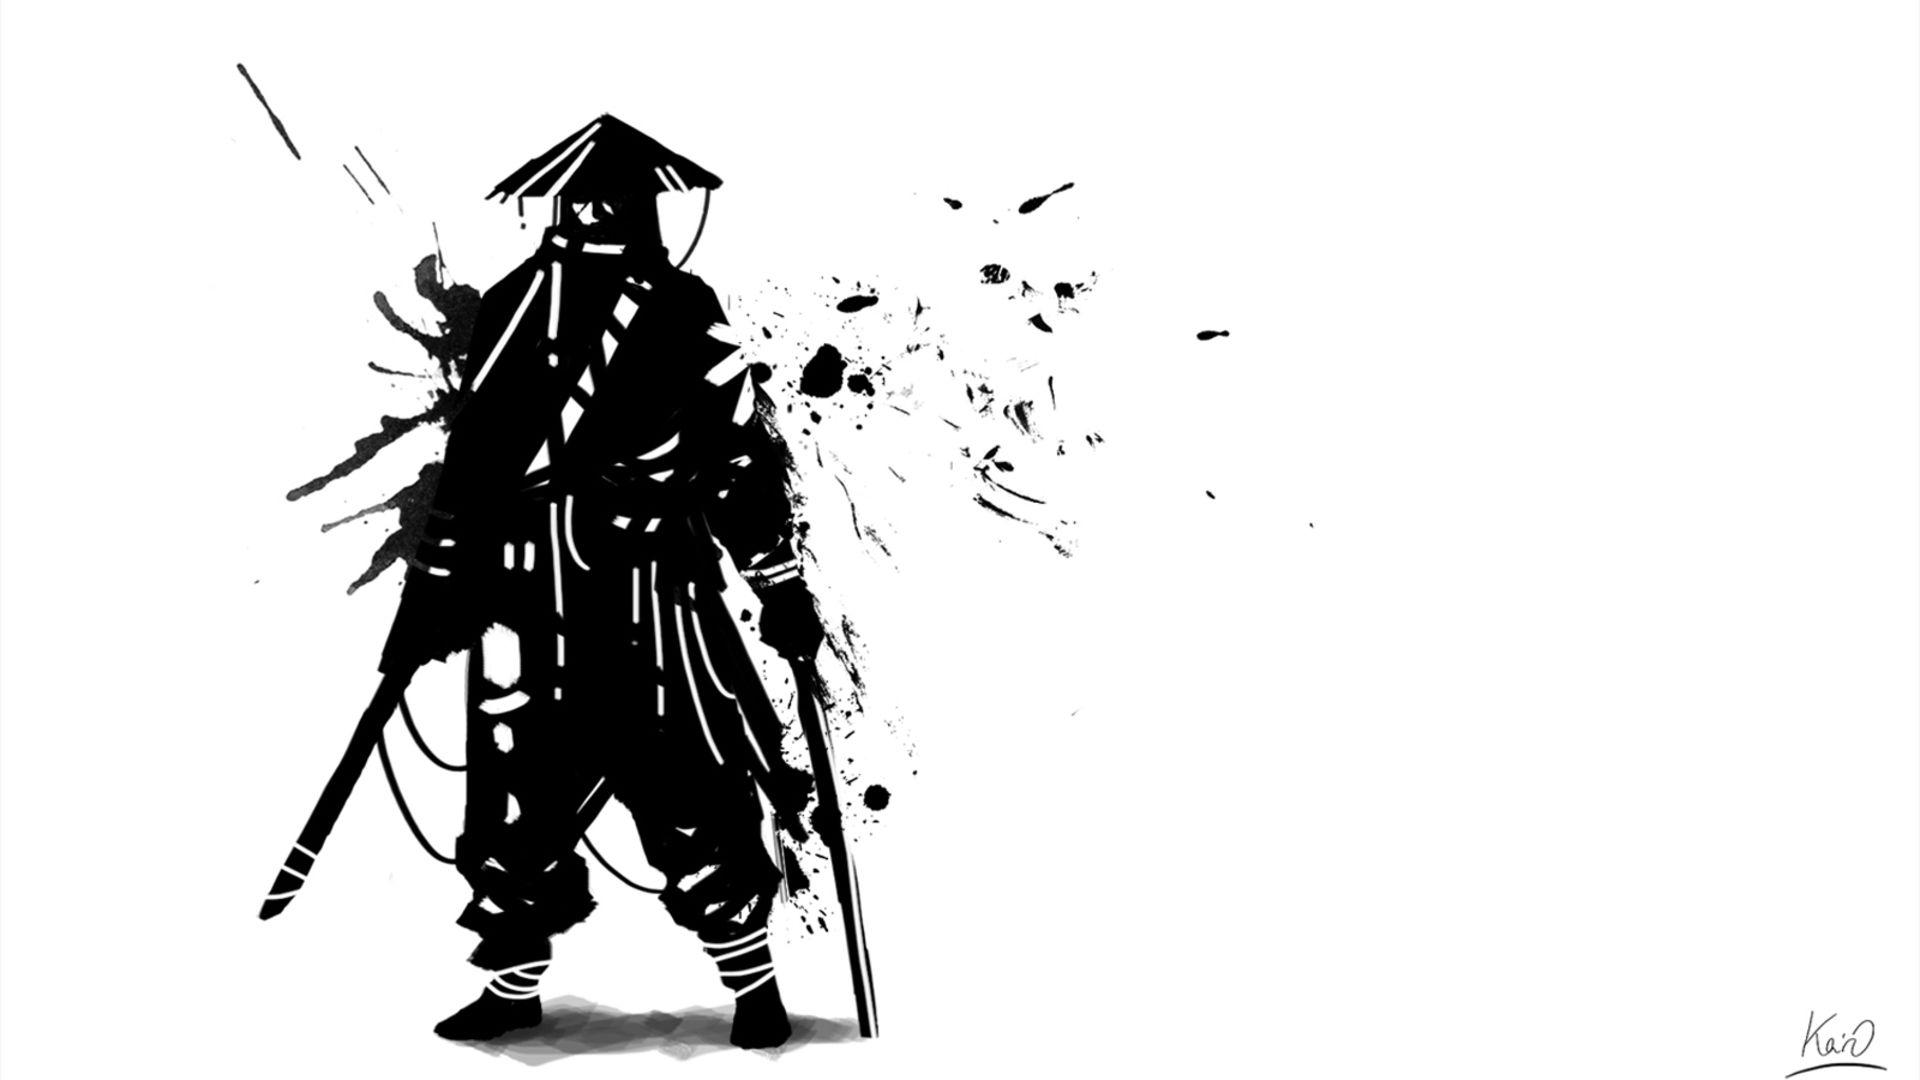 http://www.wallsave.com/wallpapers/1920x1080/gun-vector ...